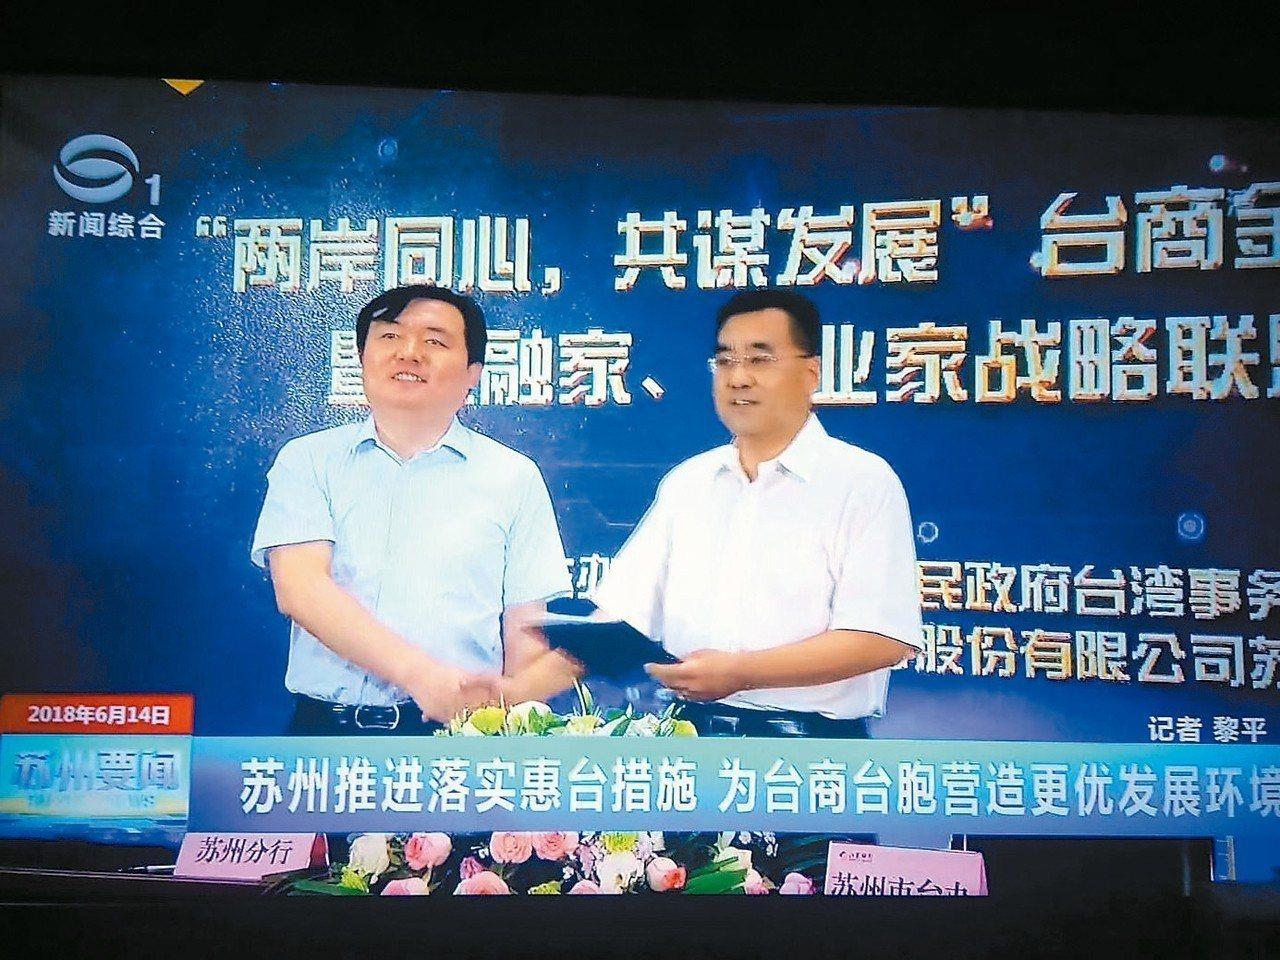 蘇州市台辦主任楊軍(右)日前與江蘇銀行蘇州分行行長陳曉聲簽訂合作協議,發布對台商...